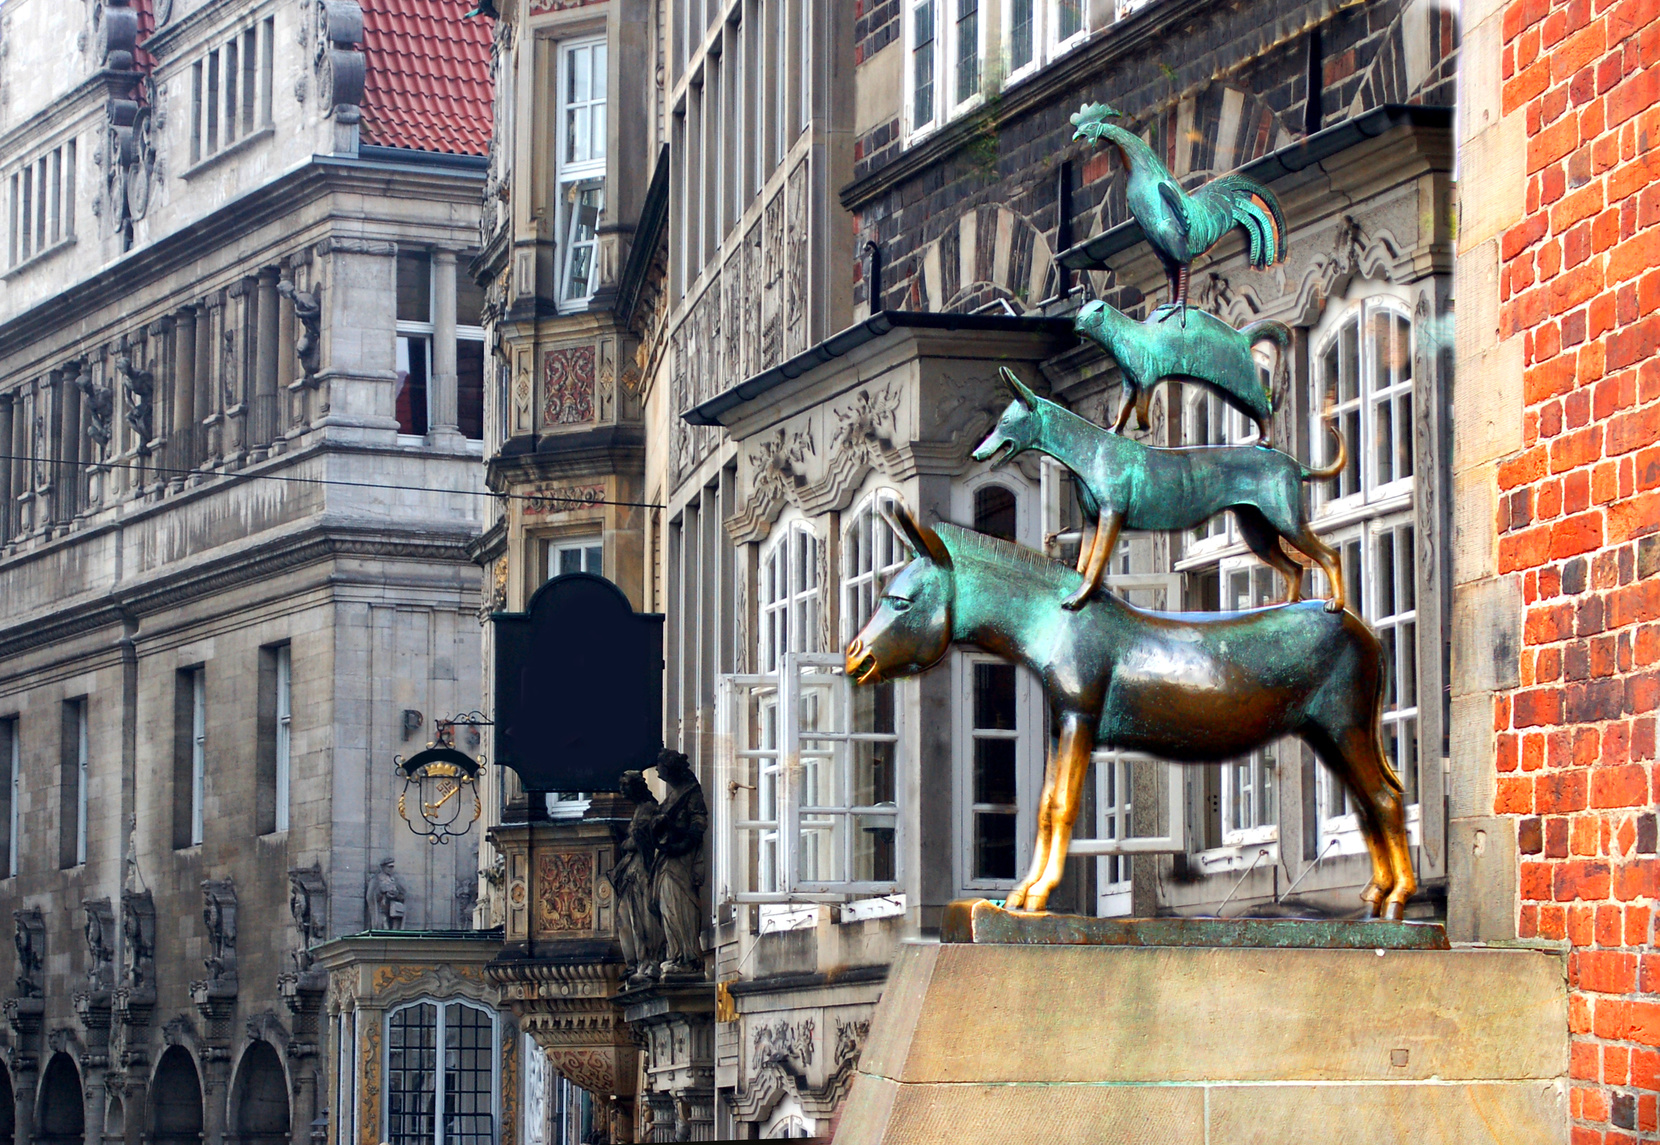 Baureinigung Bremen Auch die Bremer Stadtmusikanten erstrahlen im sauberen Glanz Dank der Reinigung der Ö&I Clean group GmbH